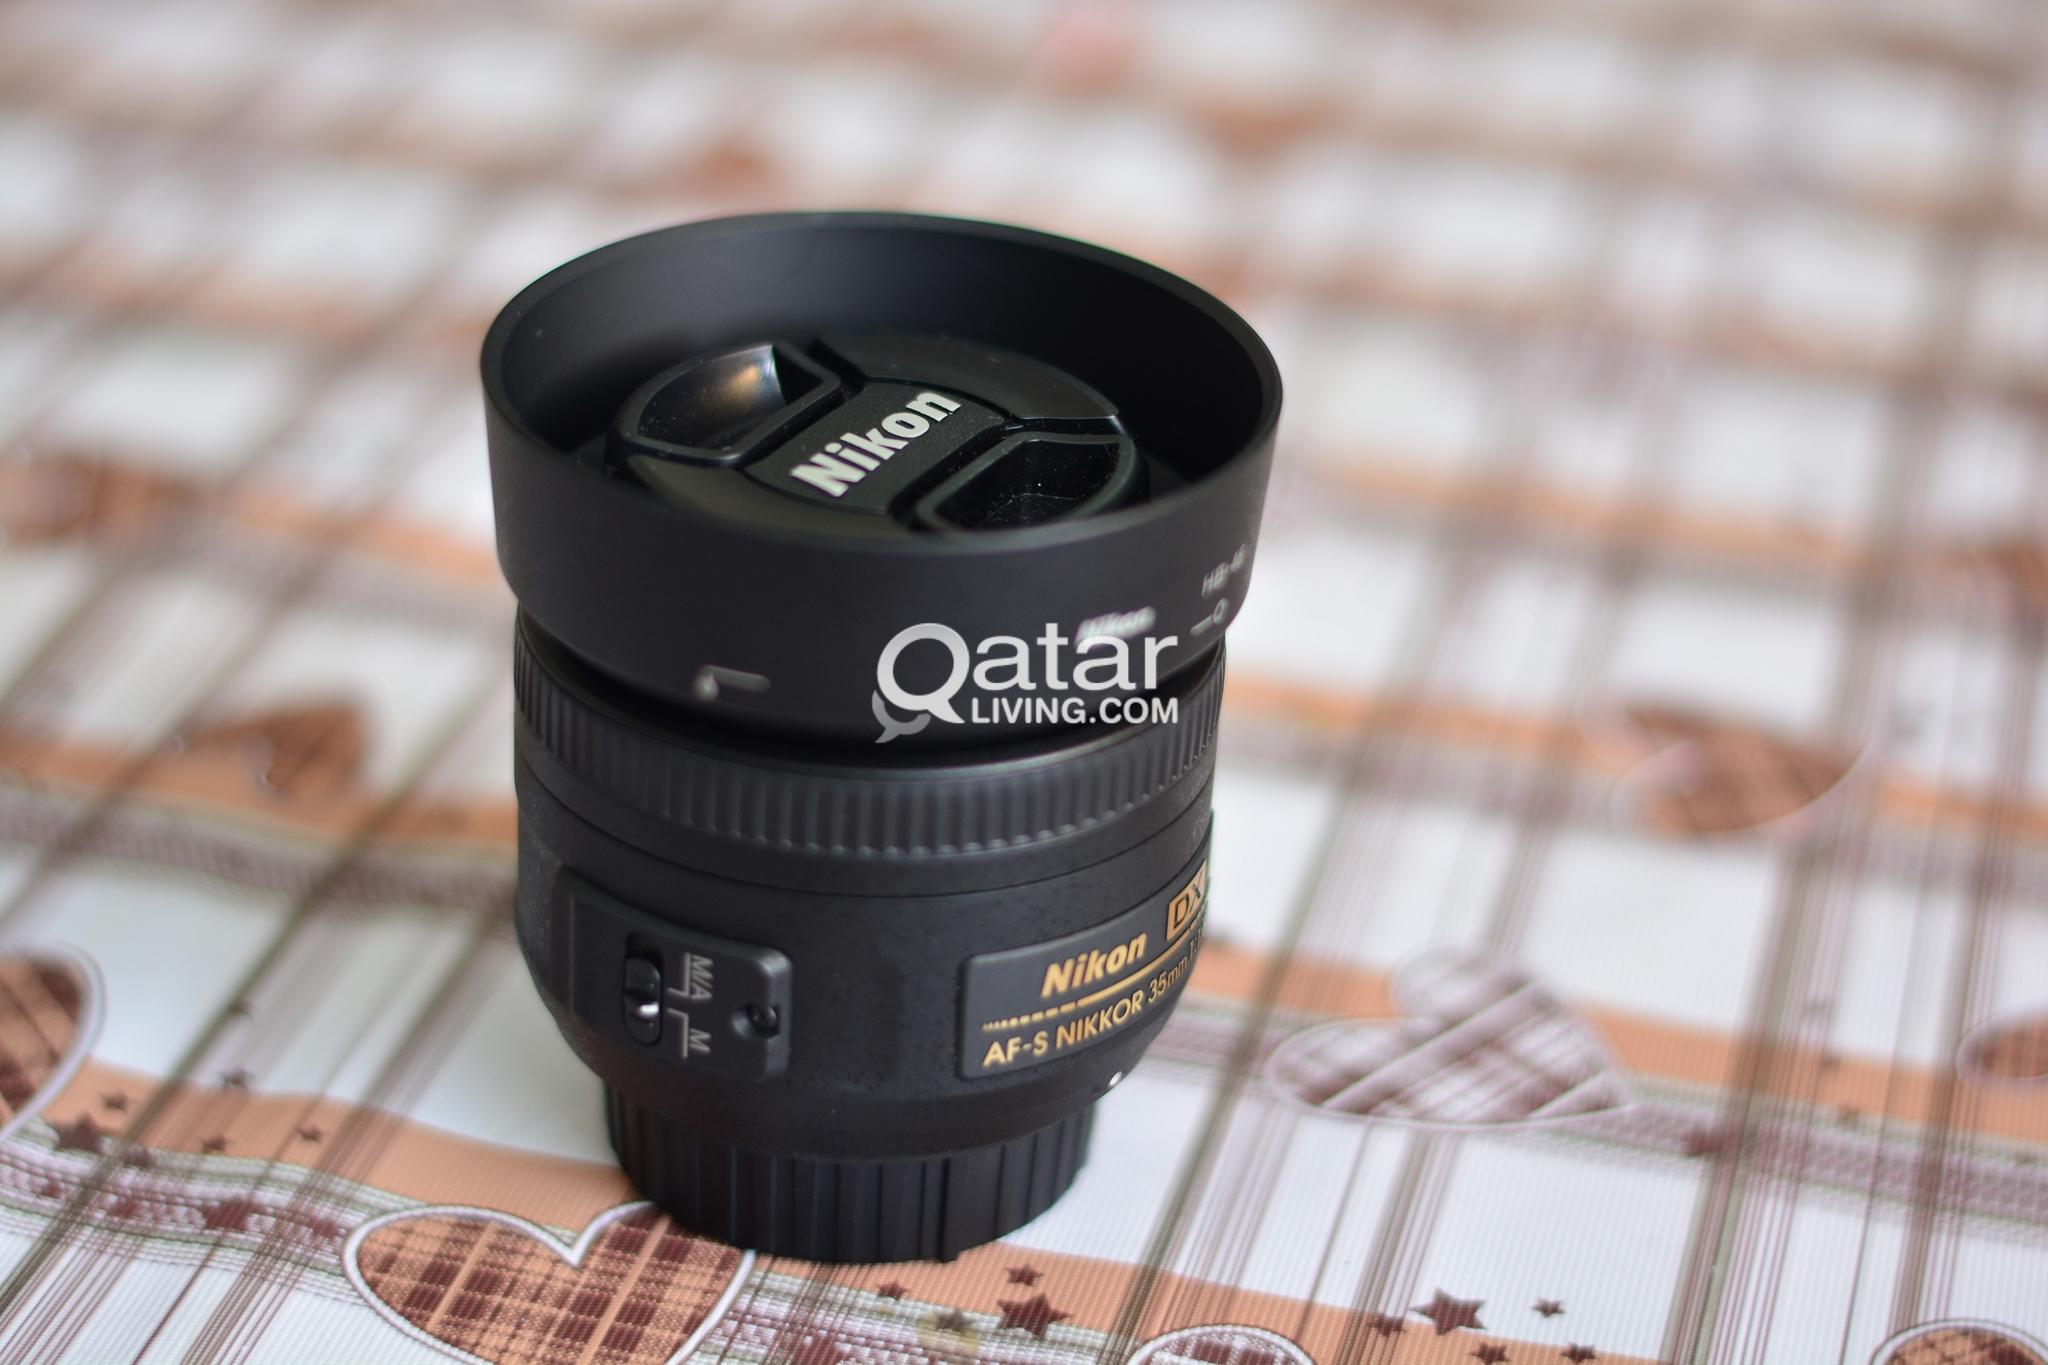 Nikon AF-S DX NIKKOR 35mm f/1.8G Lens with Auto Fo